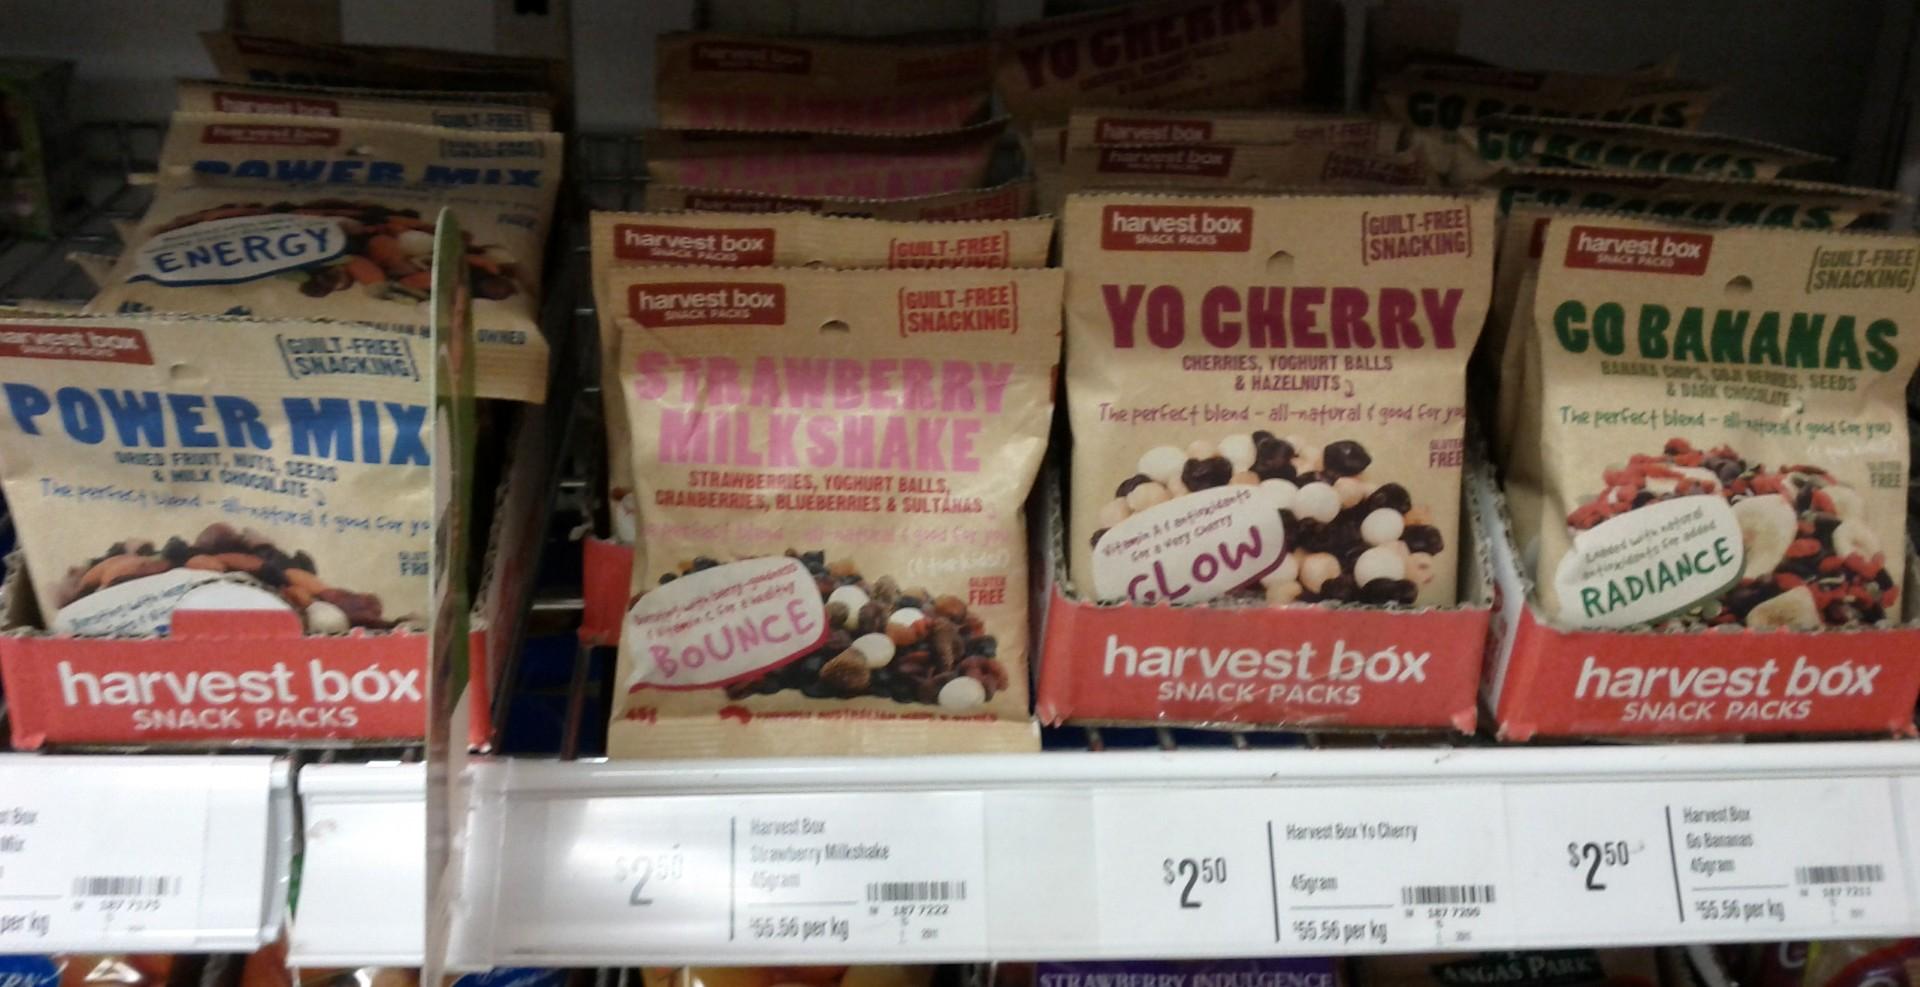 Harvest Box 45g Powder Mix, Strawberry, Cherry, Banana